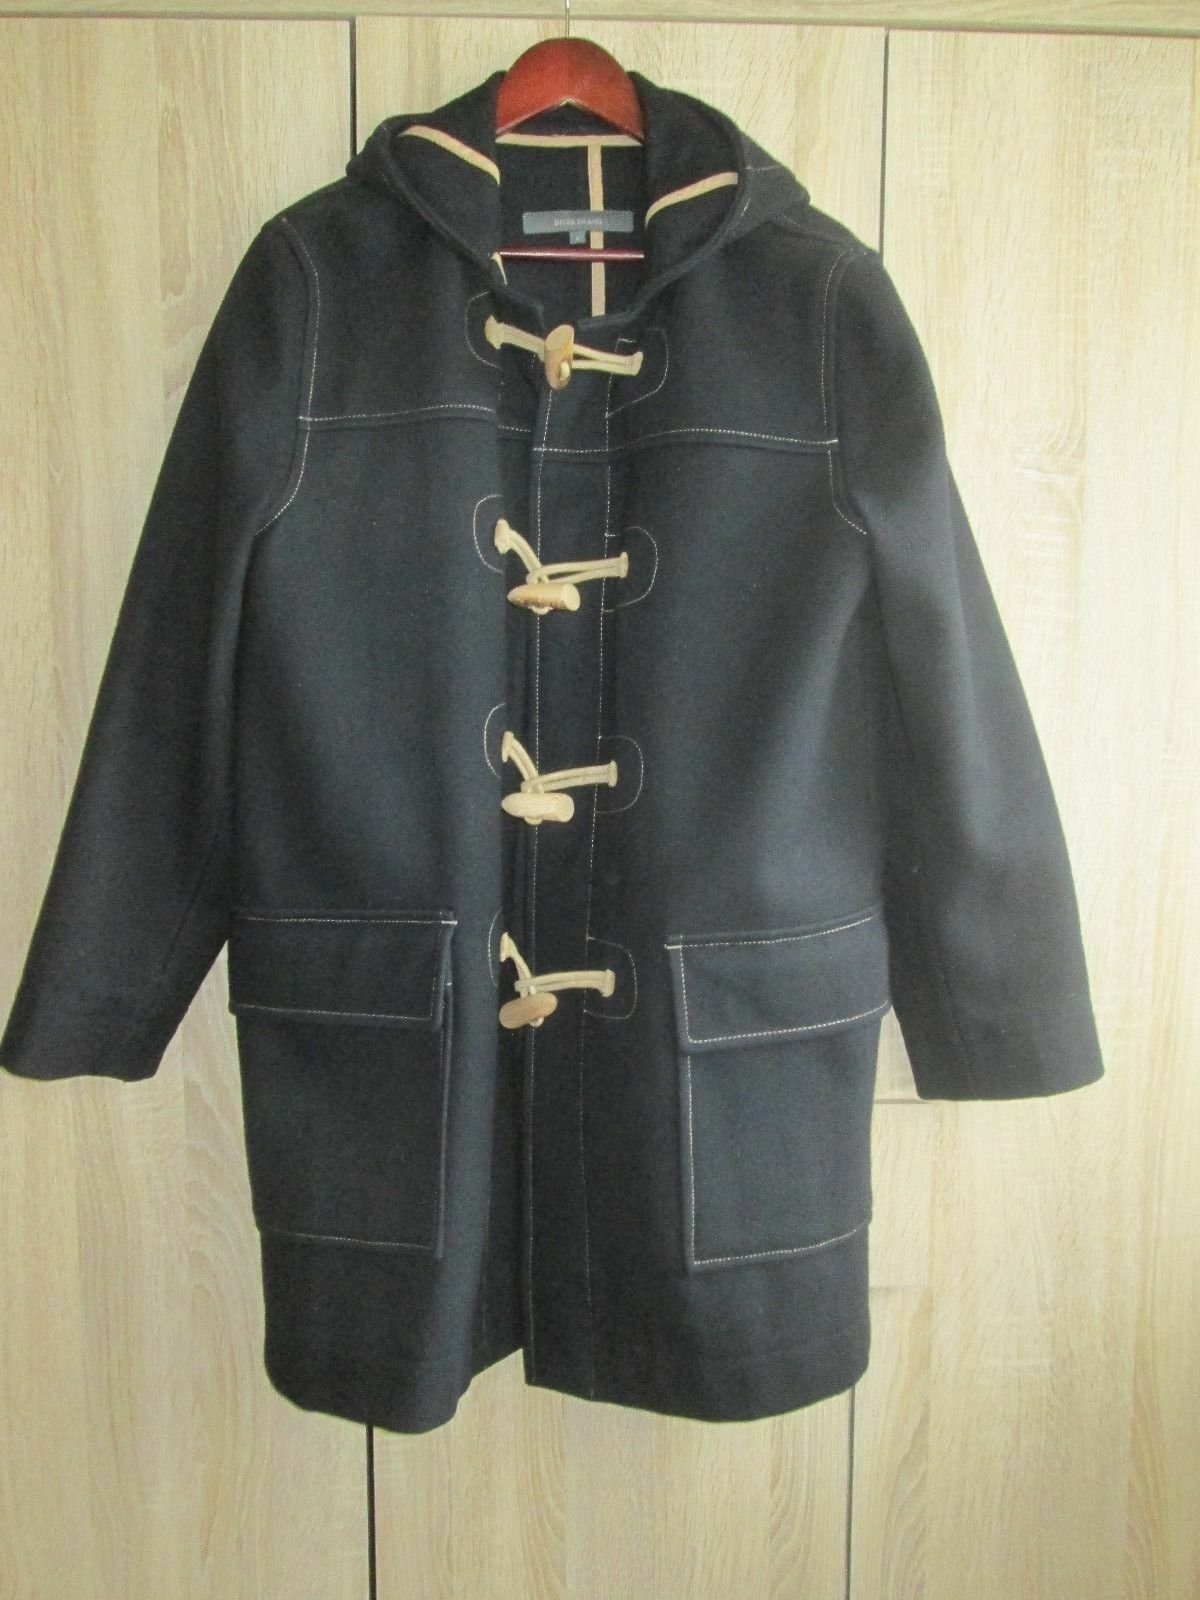 Para Hombre River  Island Azul Marino Oscuro Woolmark Duffle Coat Talla Pequeña  70% de descuento